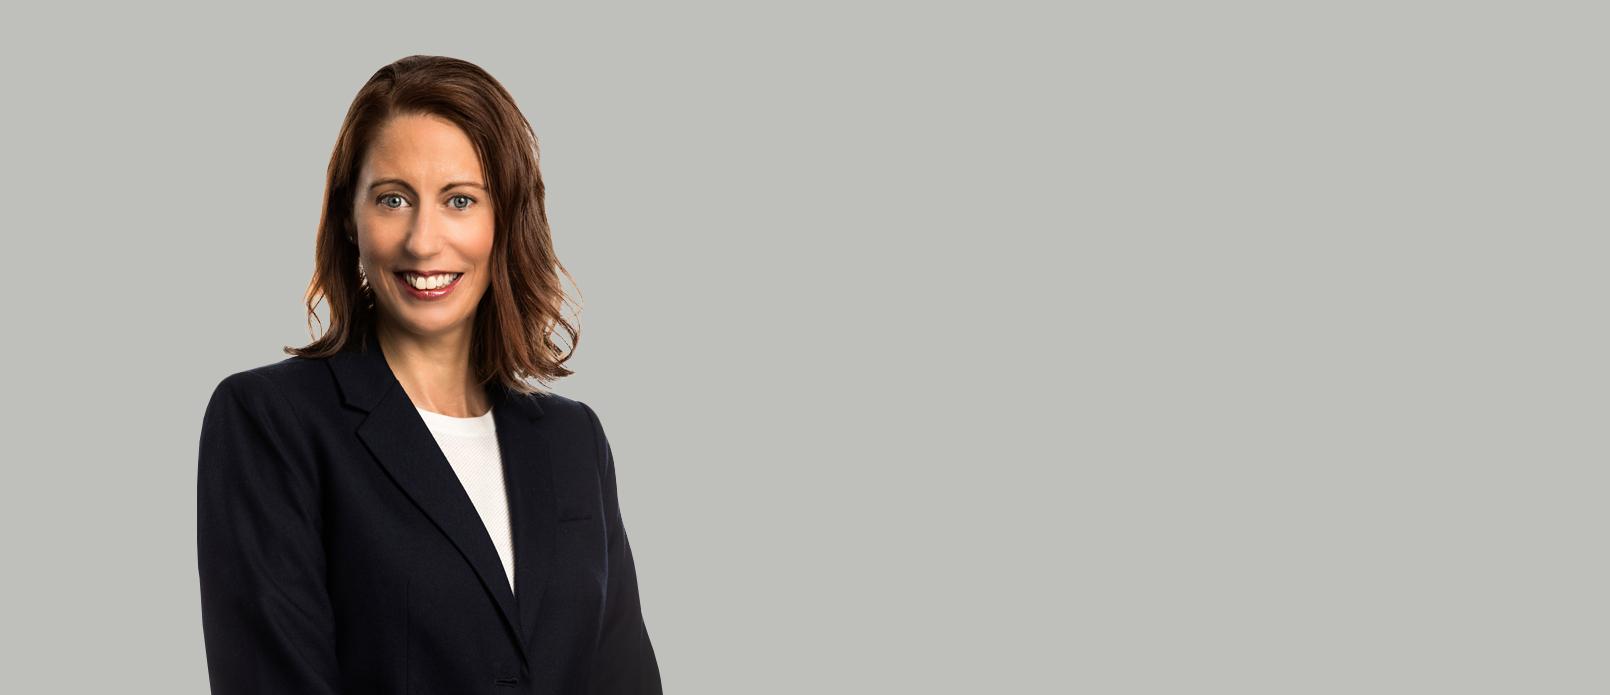 Melinda Maune